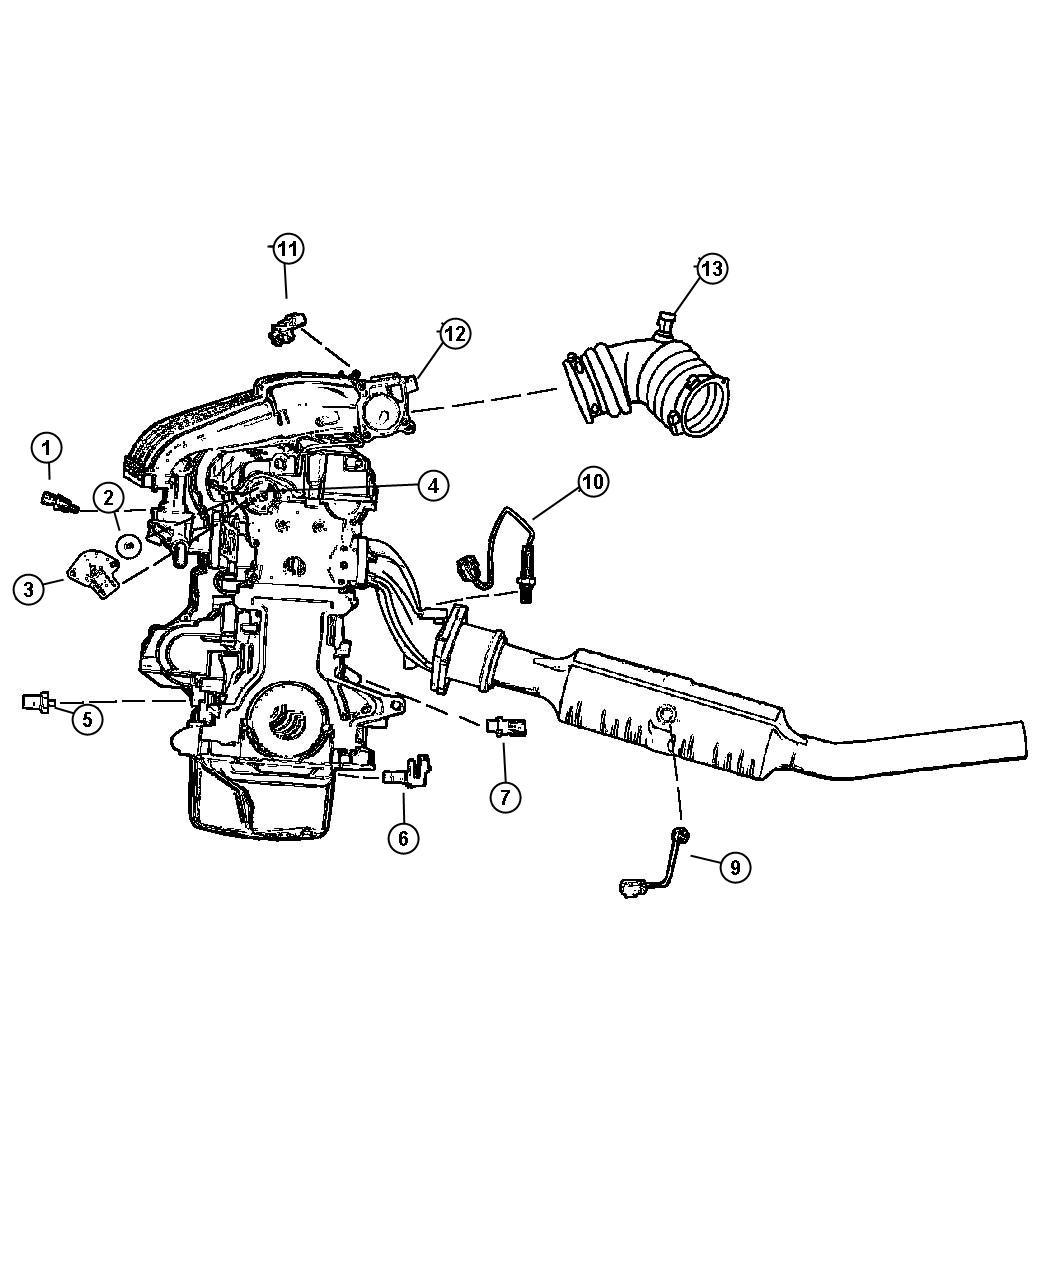 Chrysler Sebring Sensors Engine 2 0 Engine